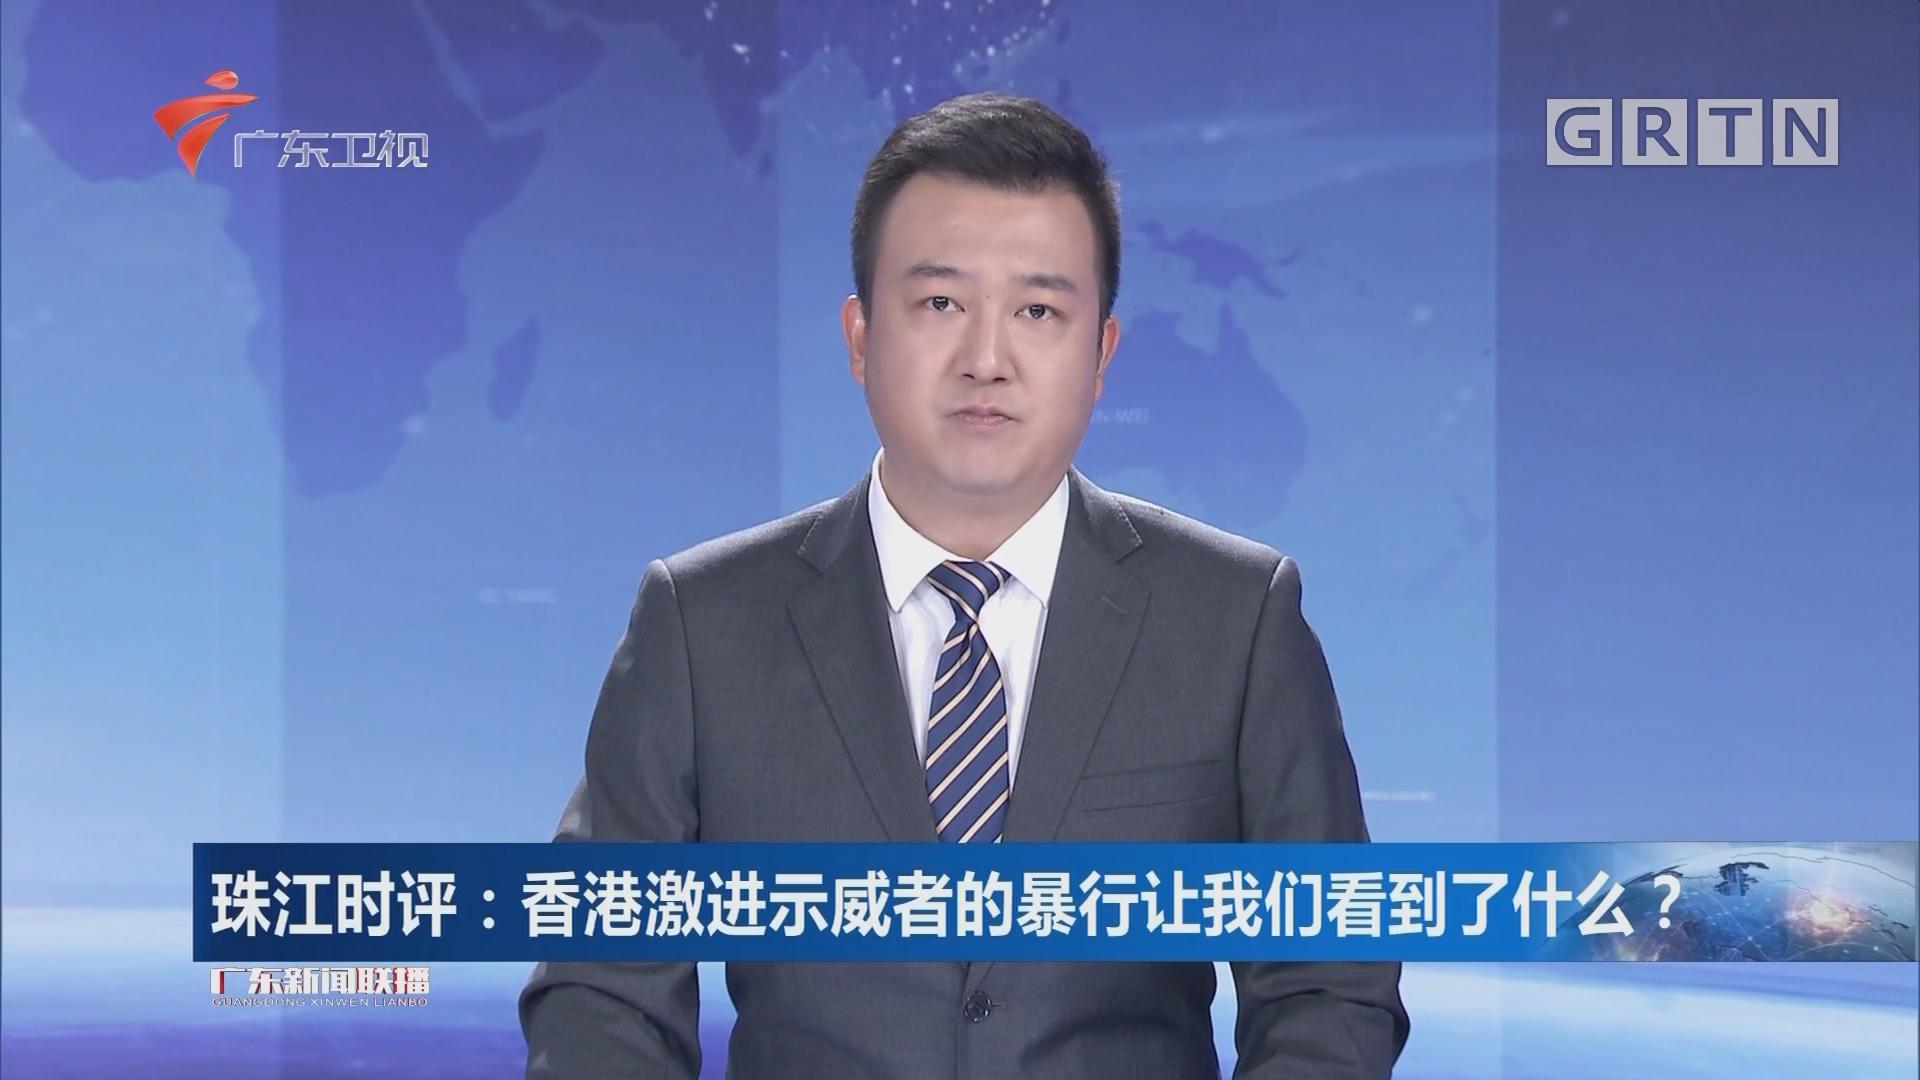 珠江时评:香港激进示威者的暴行让我们看到了什么?